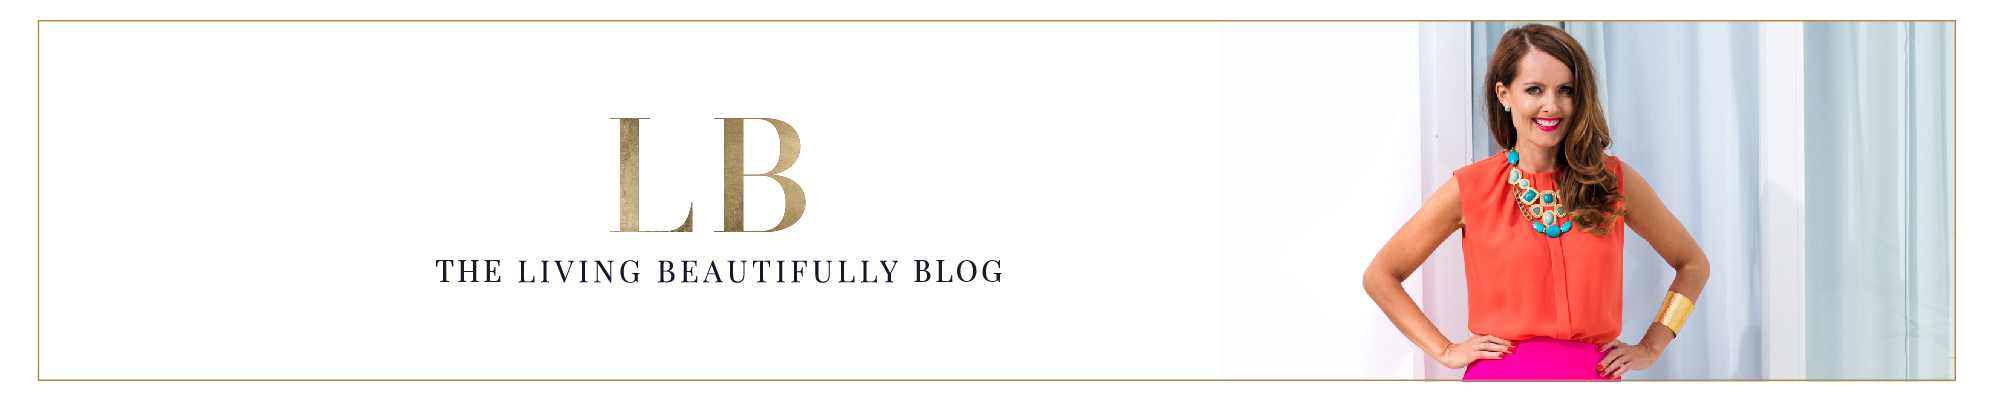 Blog Header.jpg